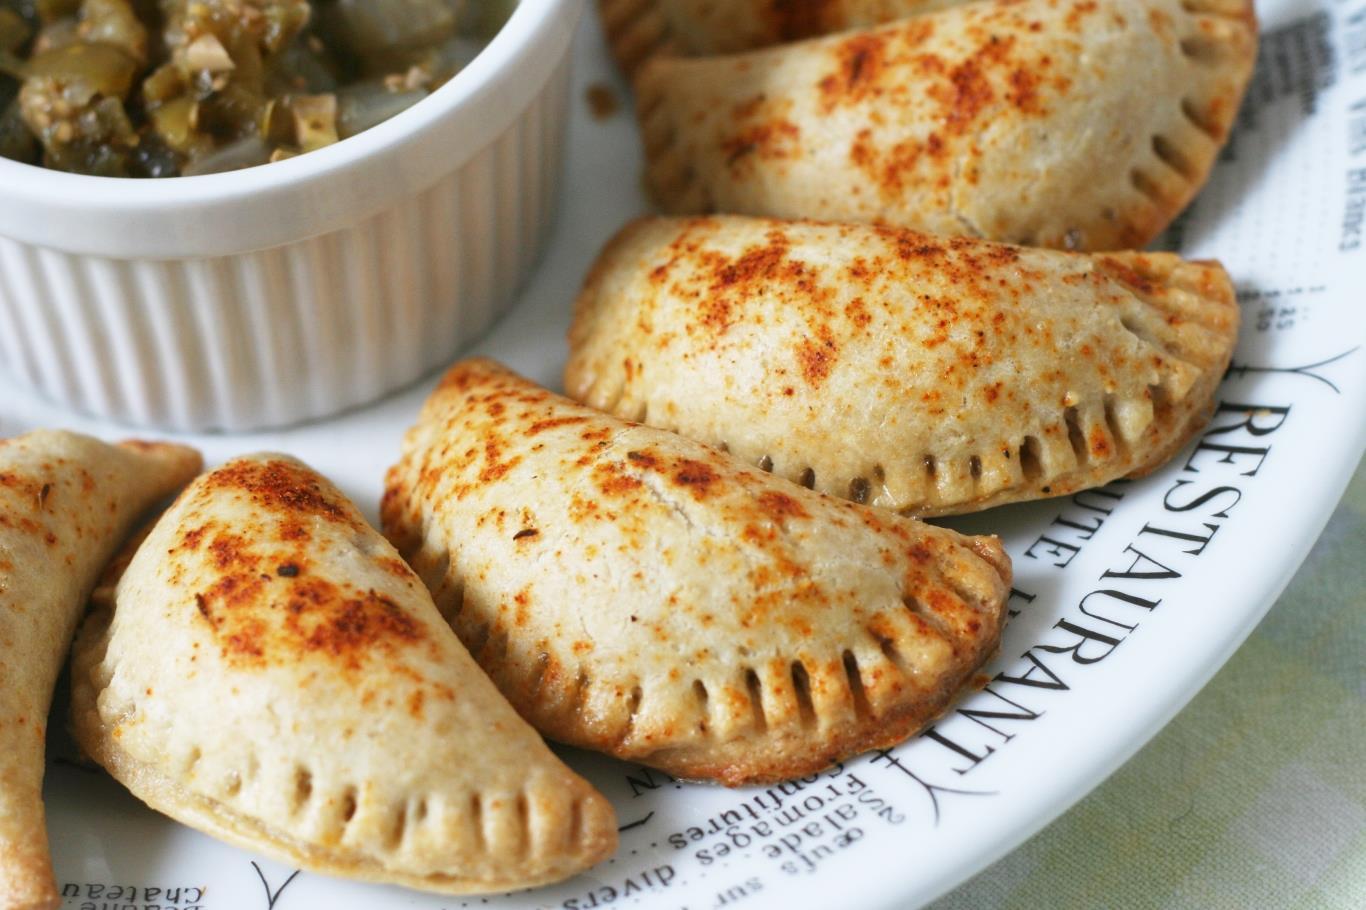 Món bánh này có xuất xứ từ Bồ Đào Nha, sau đó lan ra khắp Mỹ La Tinh. Người Chile thường làm bánh nhân hải sản, phô mai hoặc thịt bò.